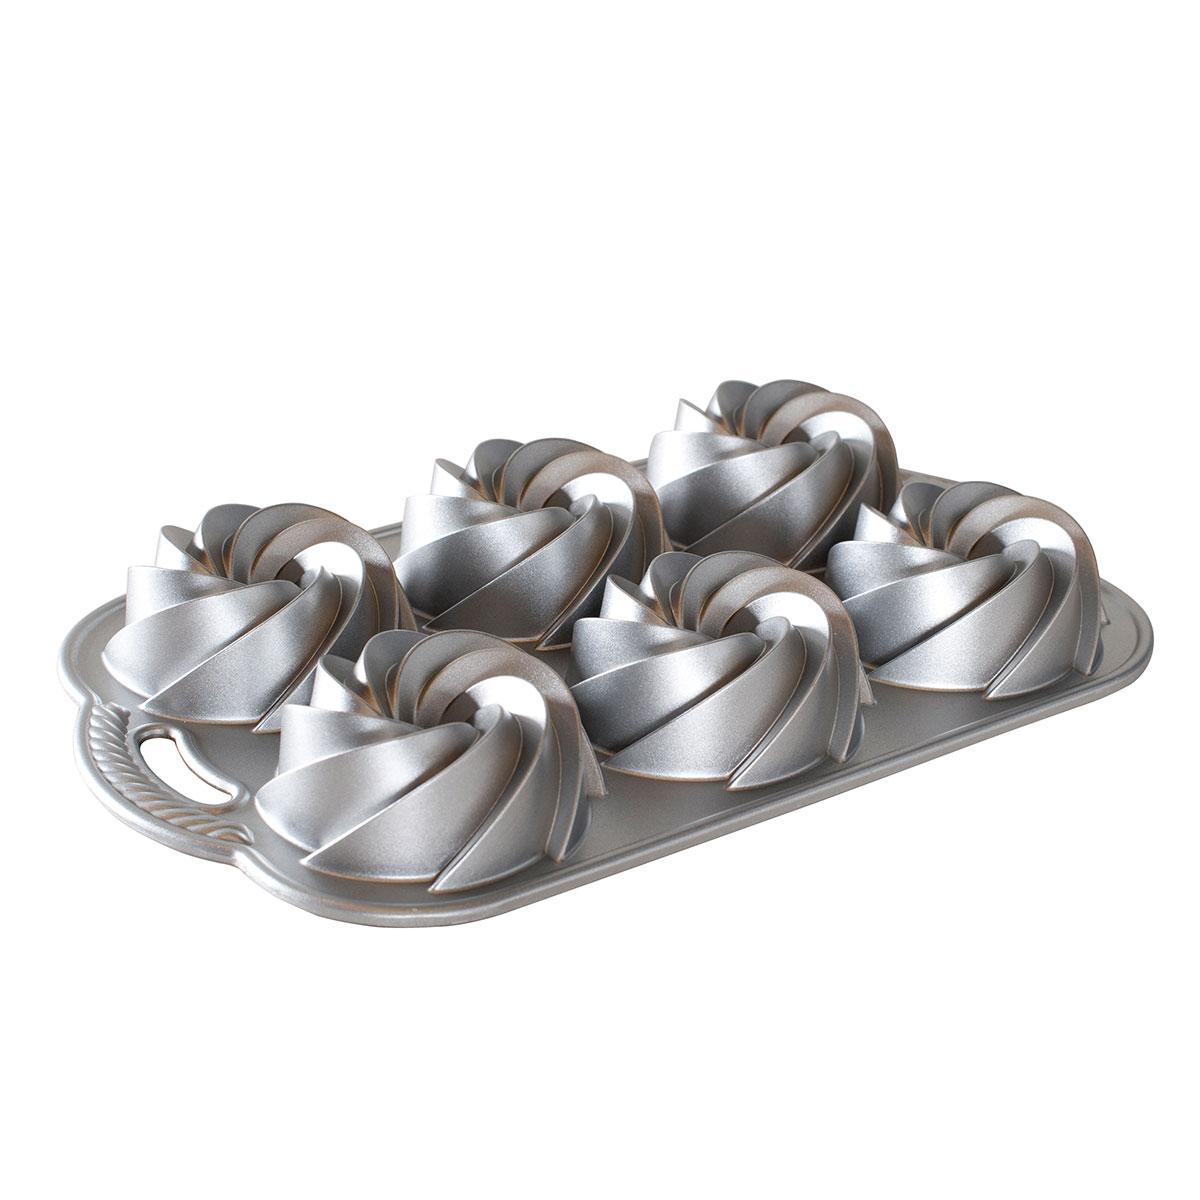 Image of   Nordic Ware bageform - Heritage Bundtlette Cakes